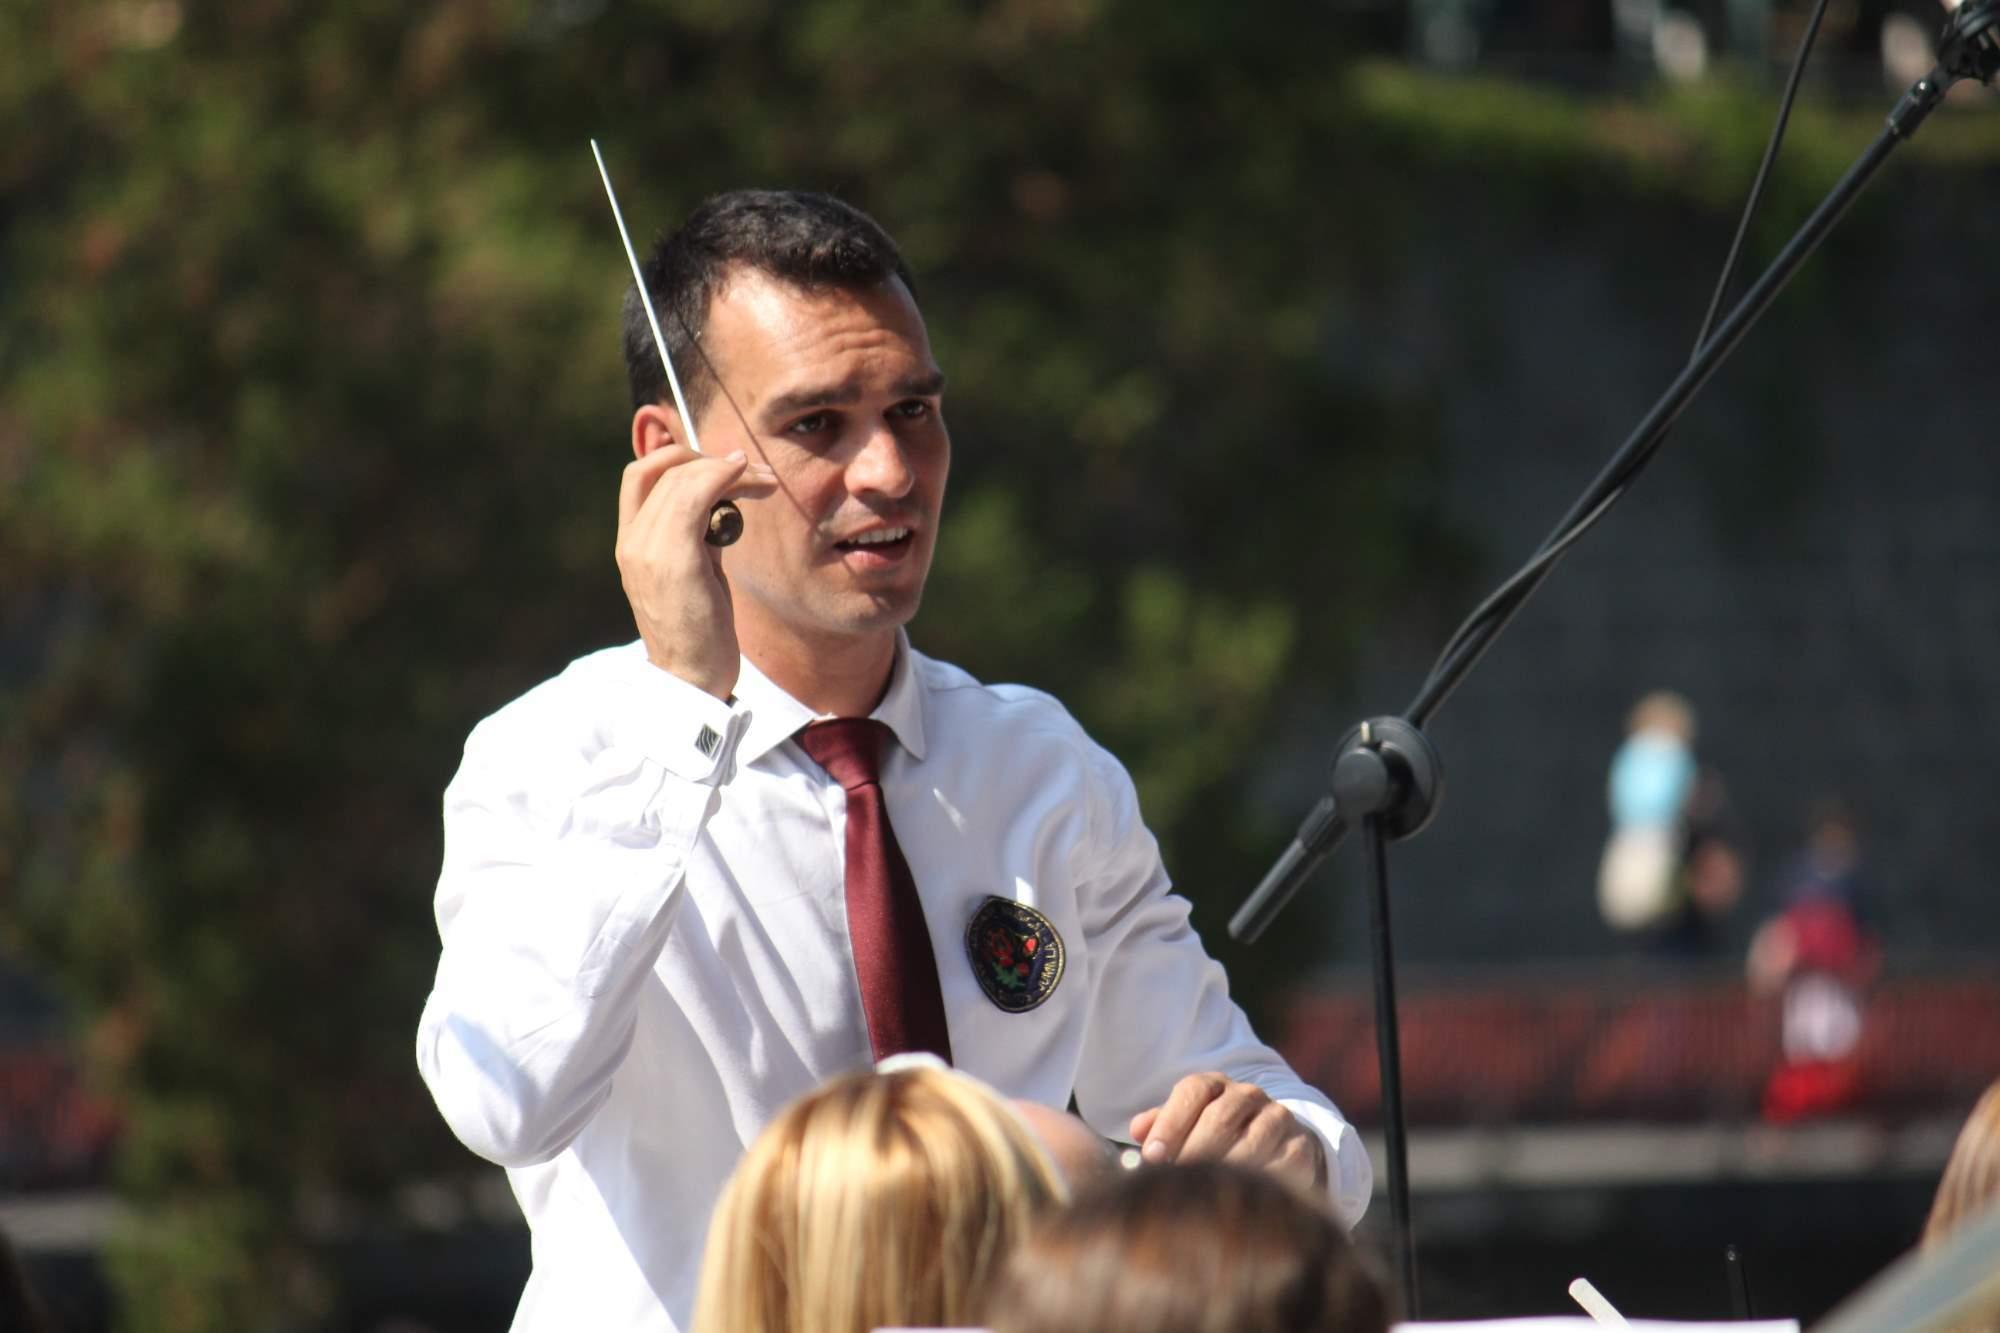 """Salvador Pérez Sánchez: """"Los músicos me transmiten ganas de asumir nuevos retos y seguir creciendo"""""""